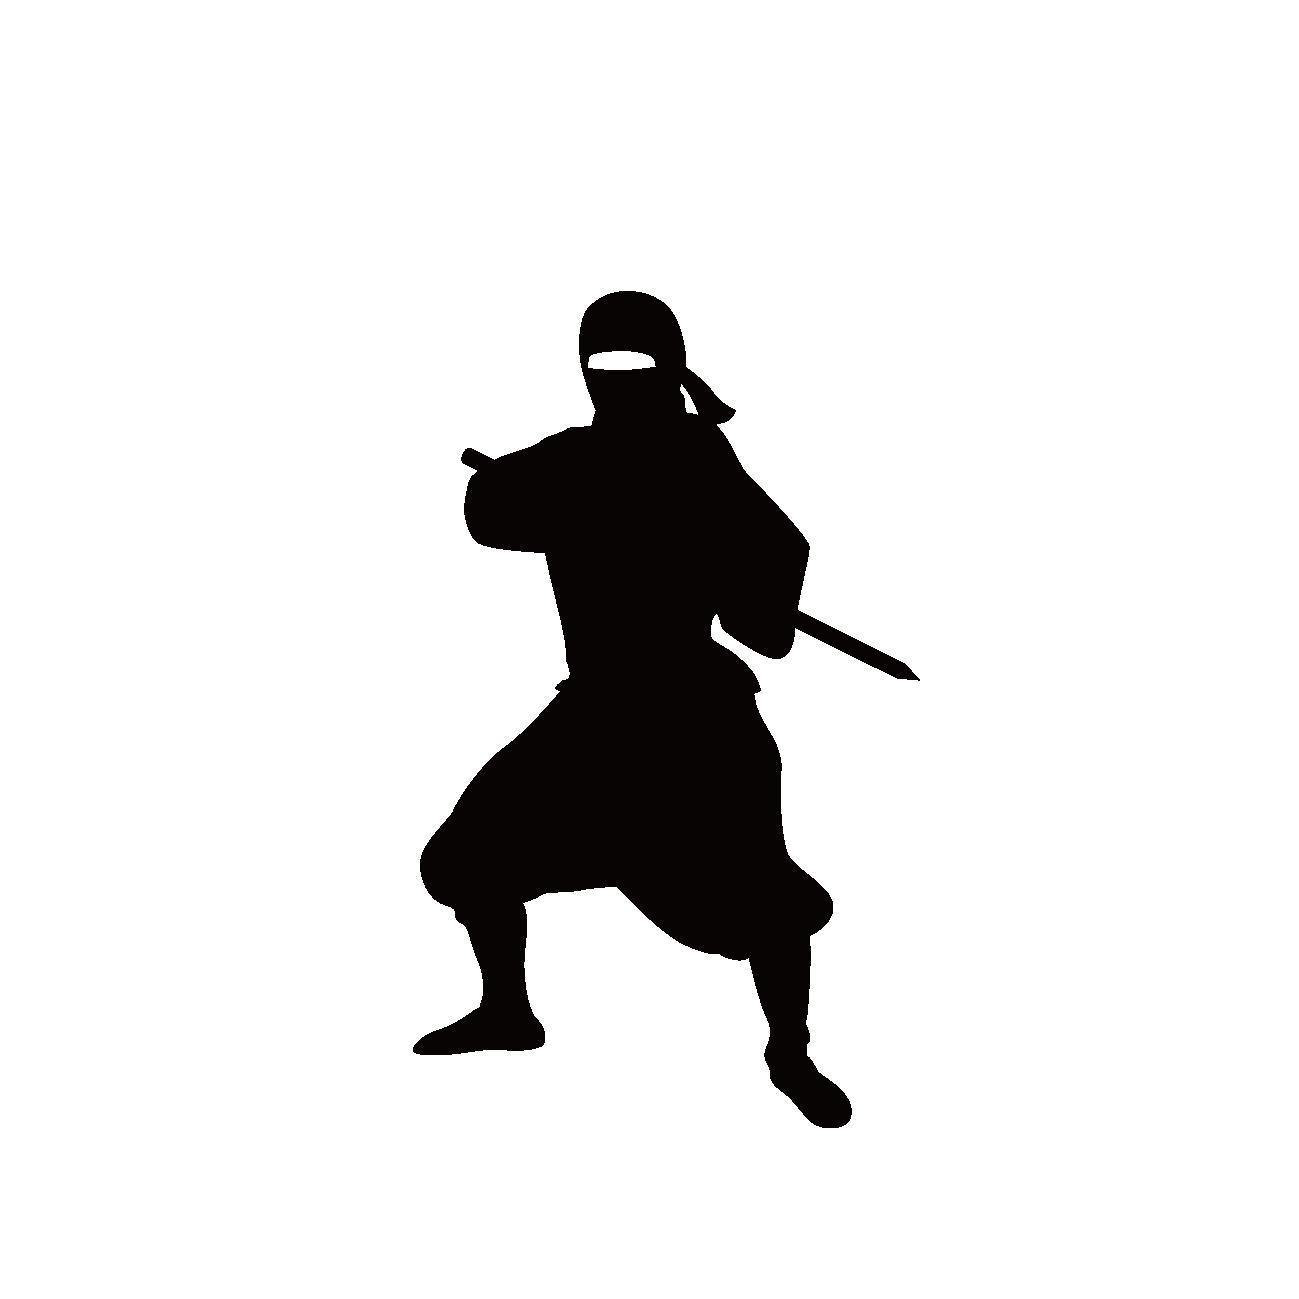 忍者 アイキャッチ